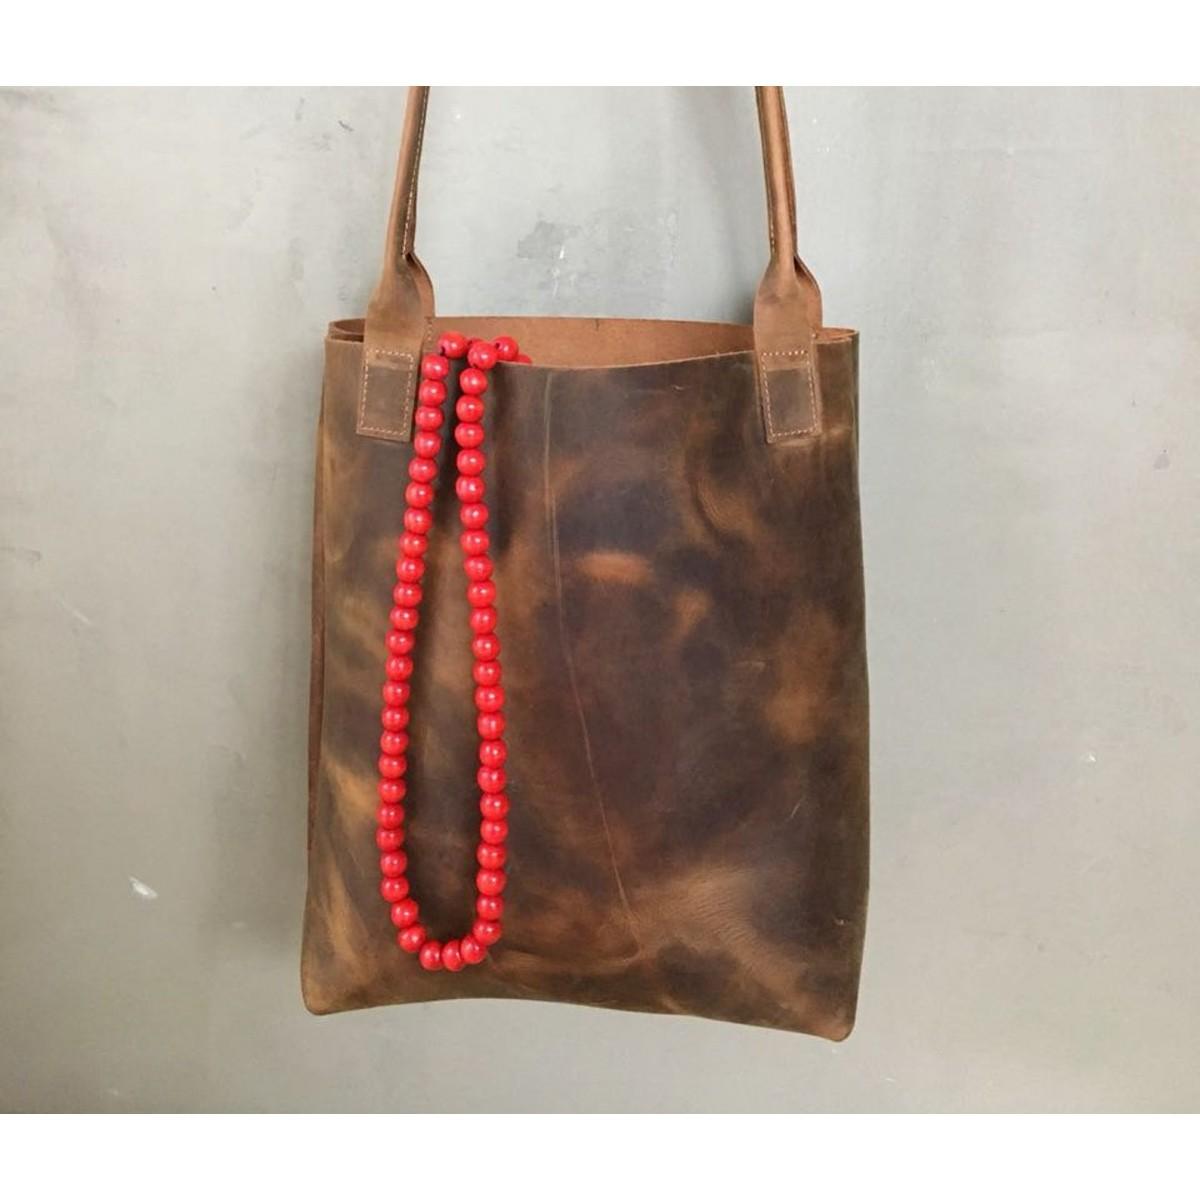 BSAITE / Brauner Leder Shopper / Leder Tasche